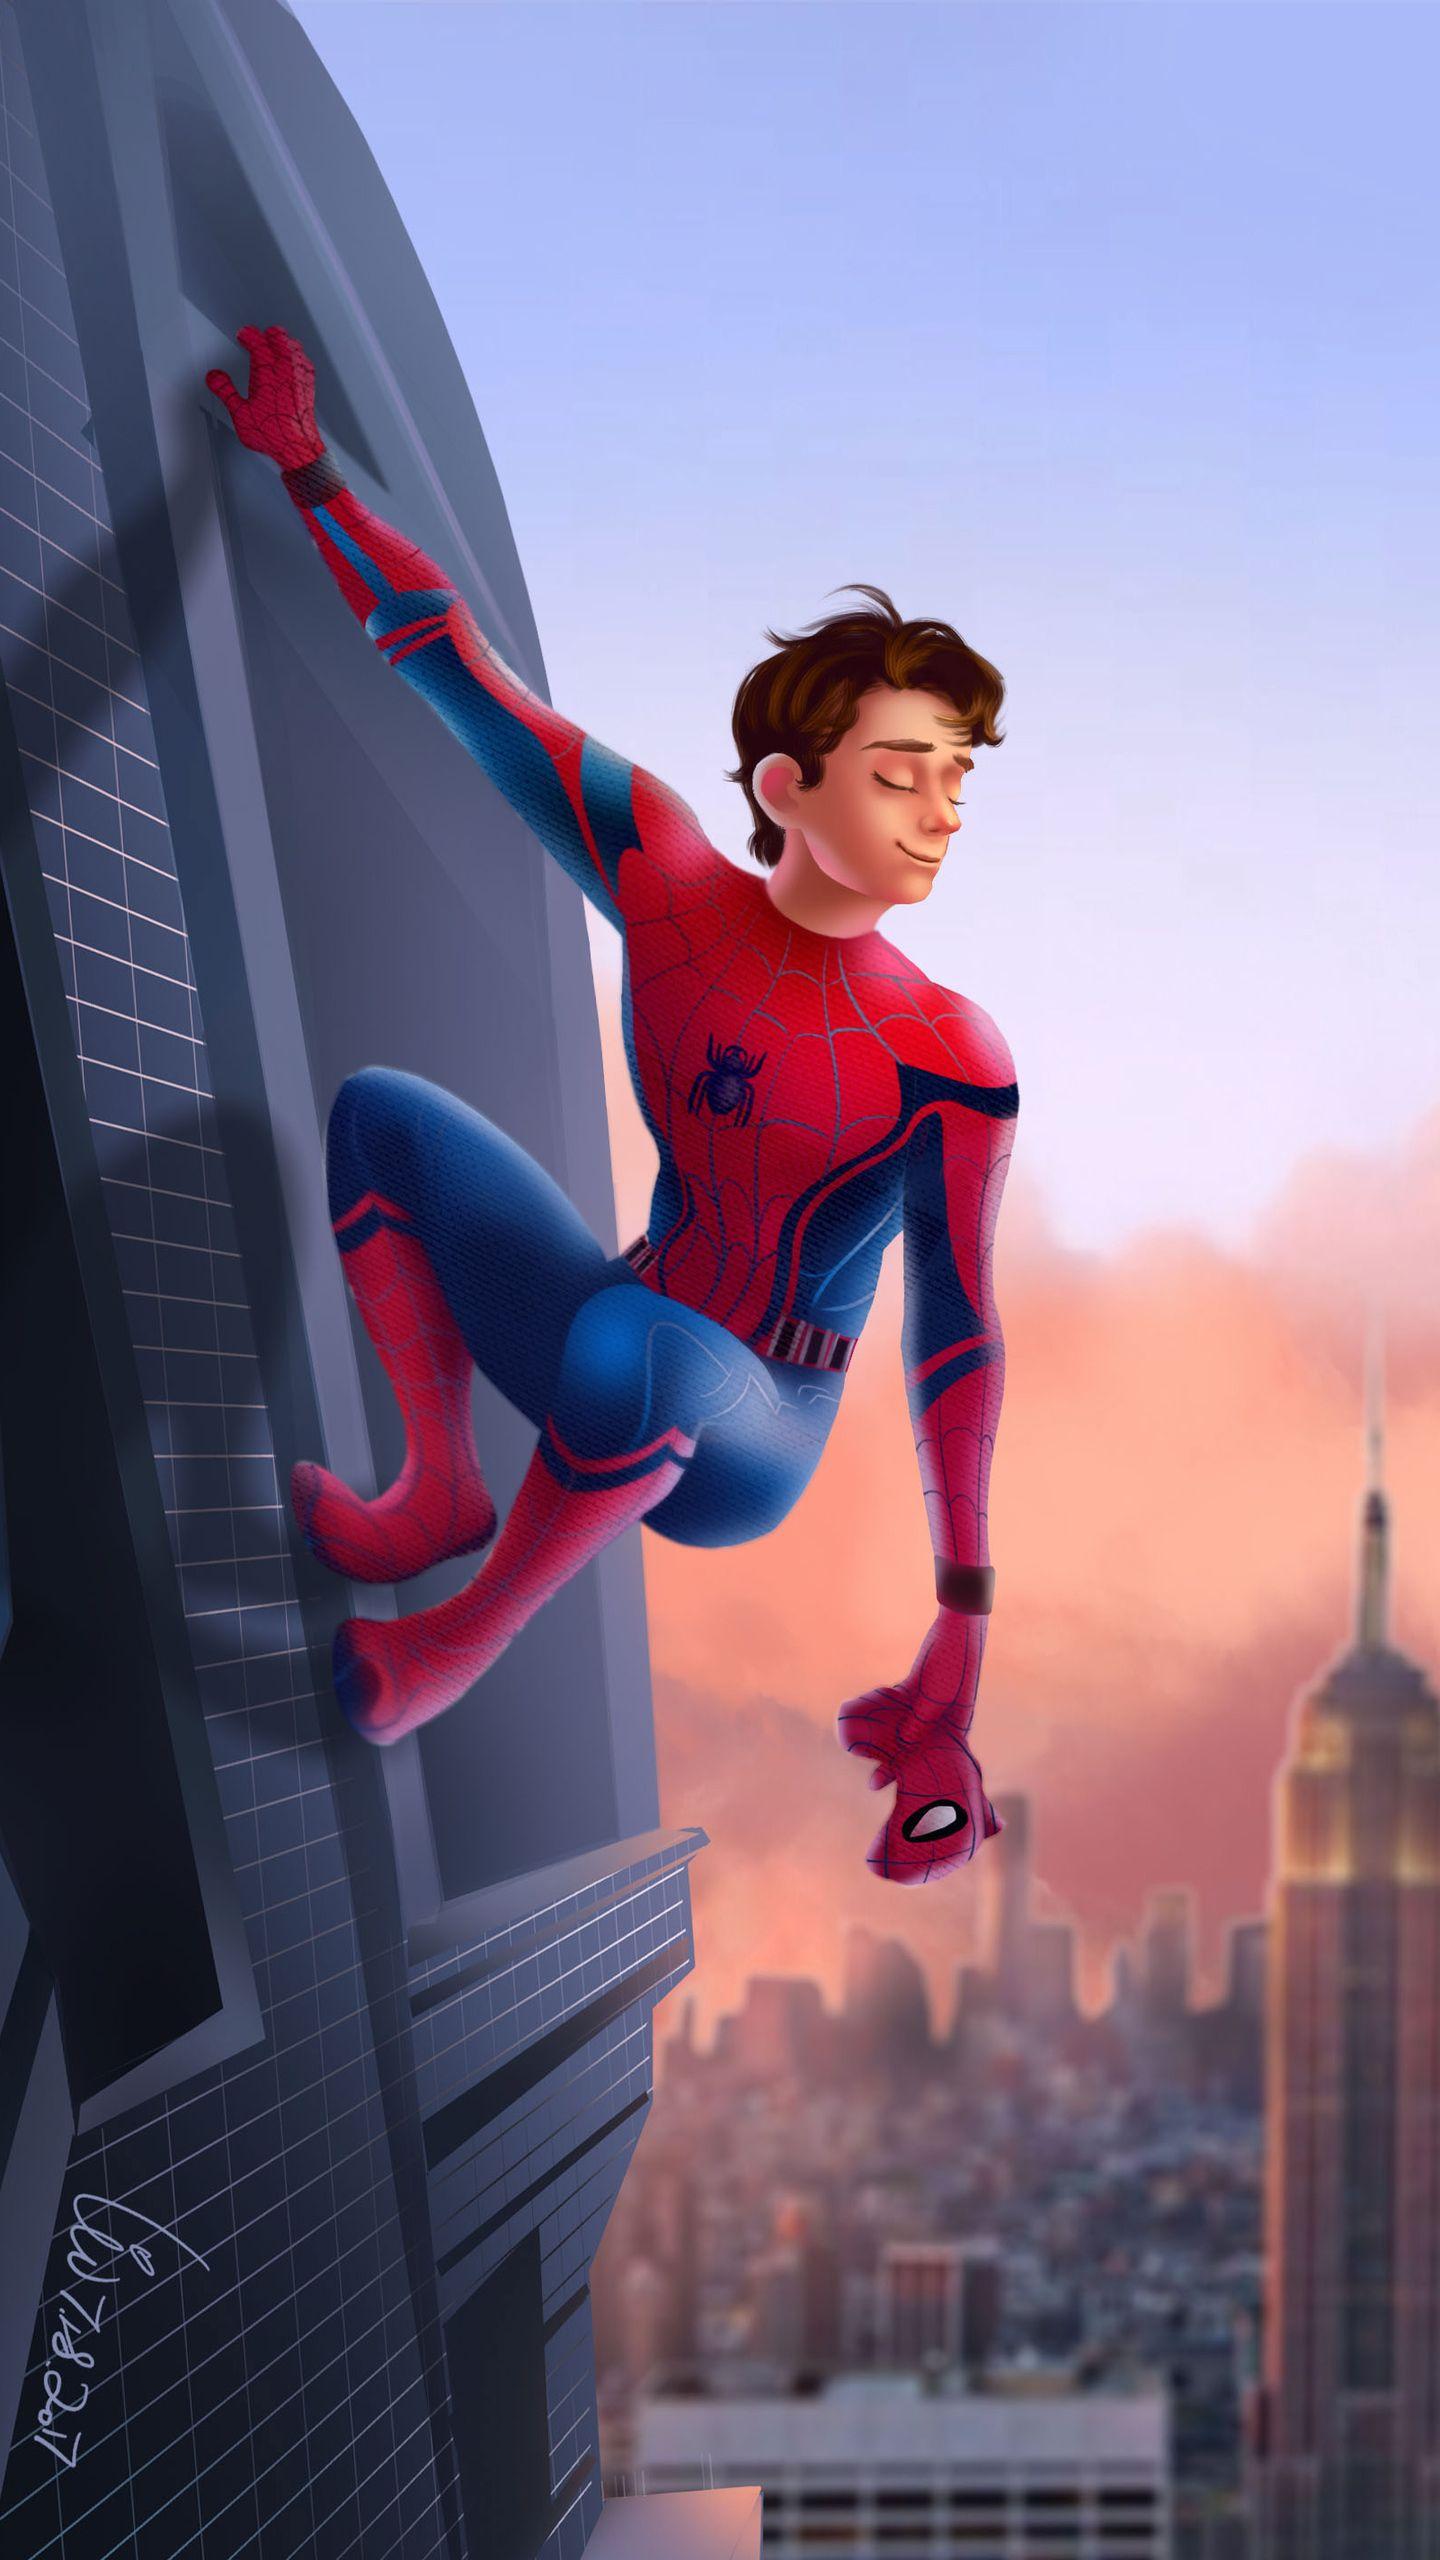 Tom Holland spiderman wallpaper lockscreen Tom holland